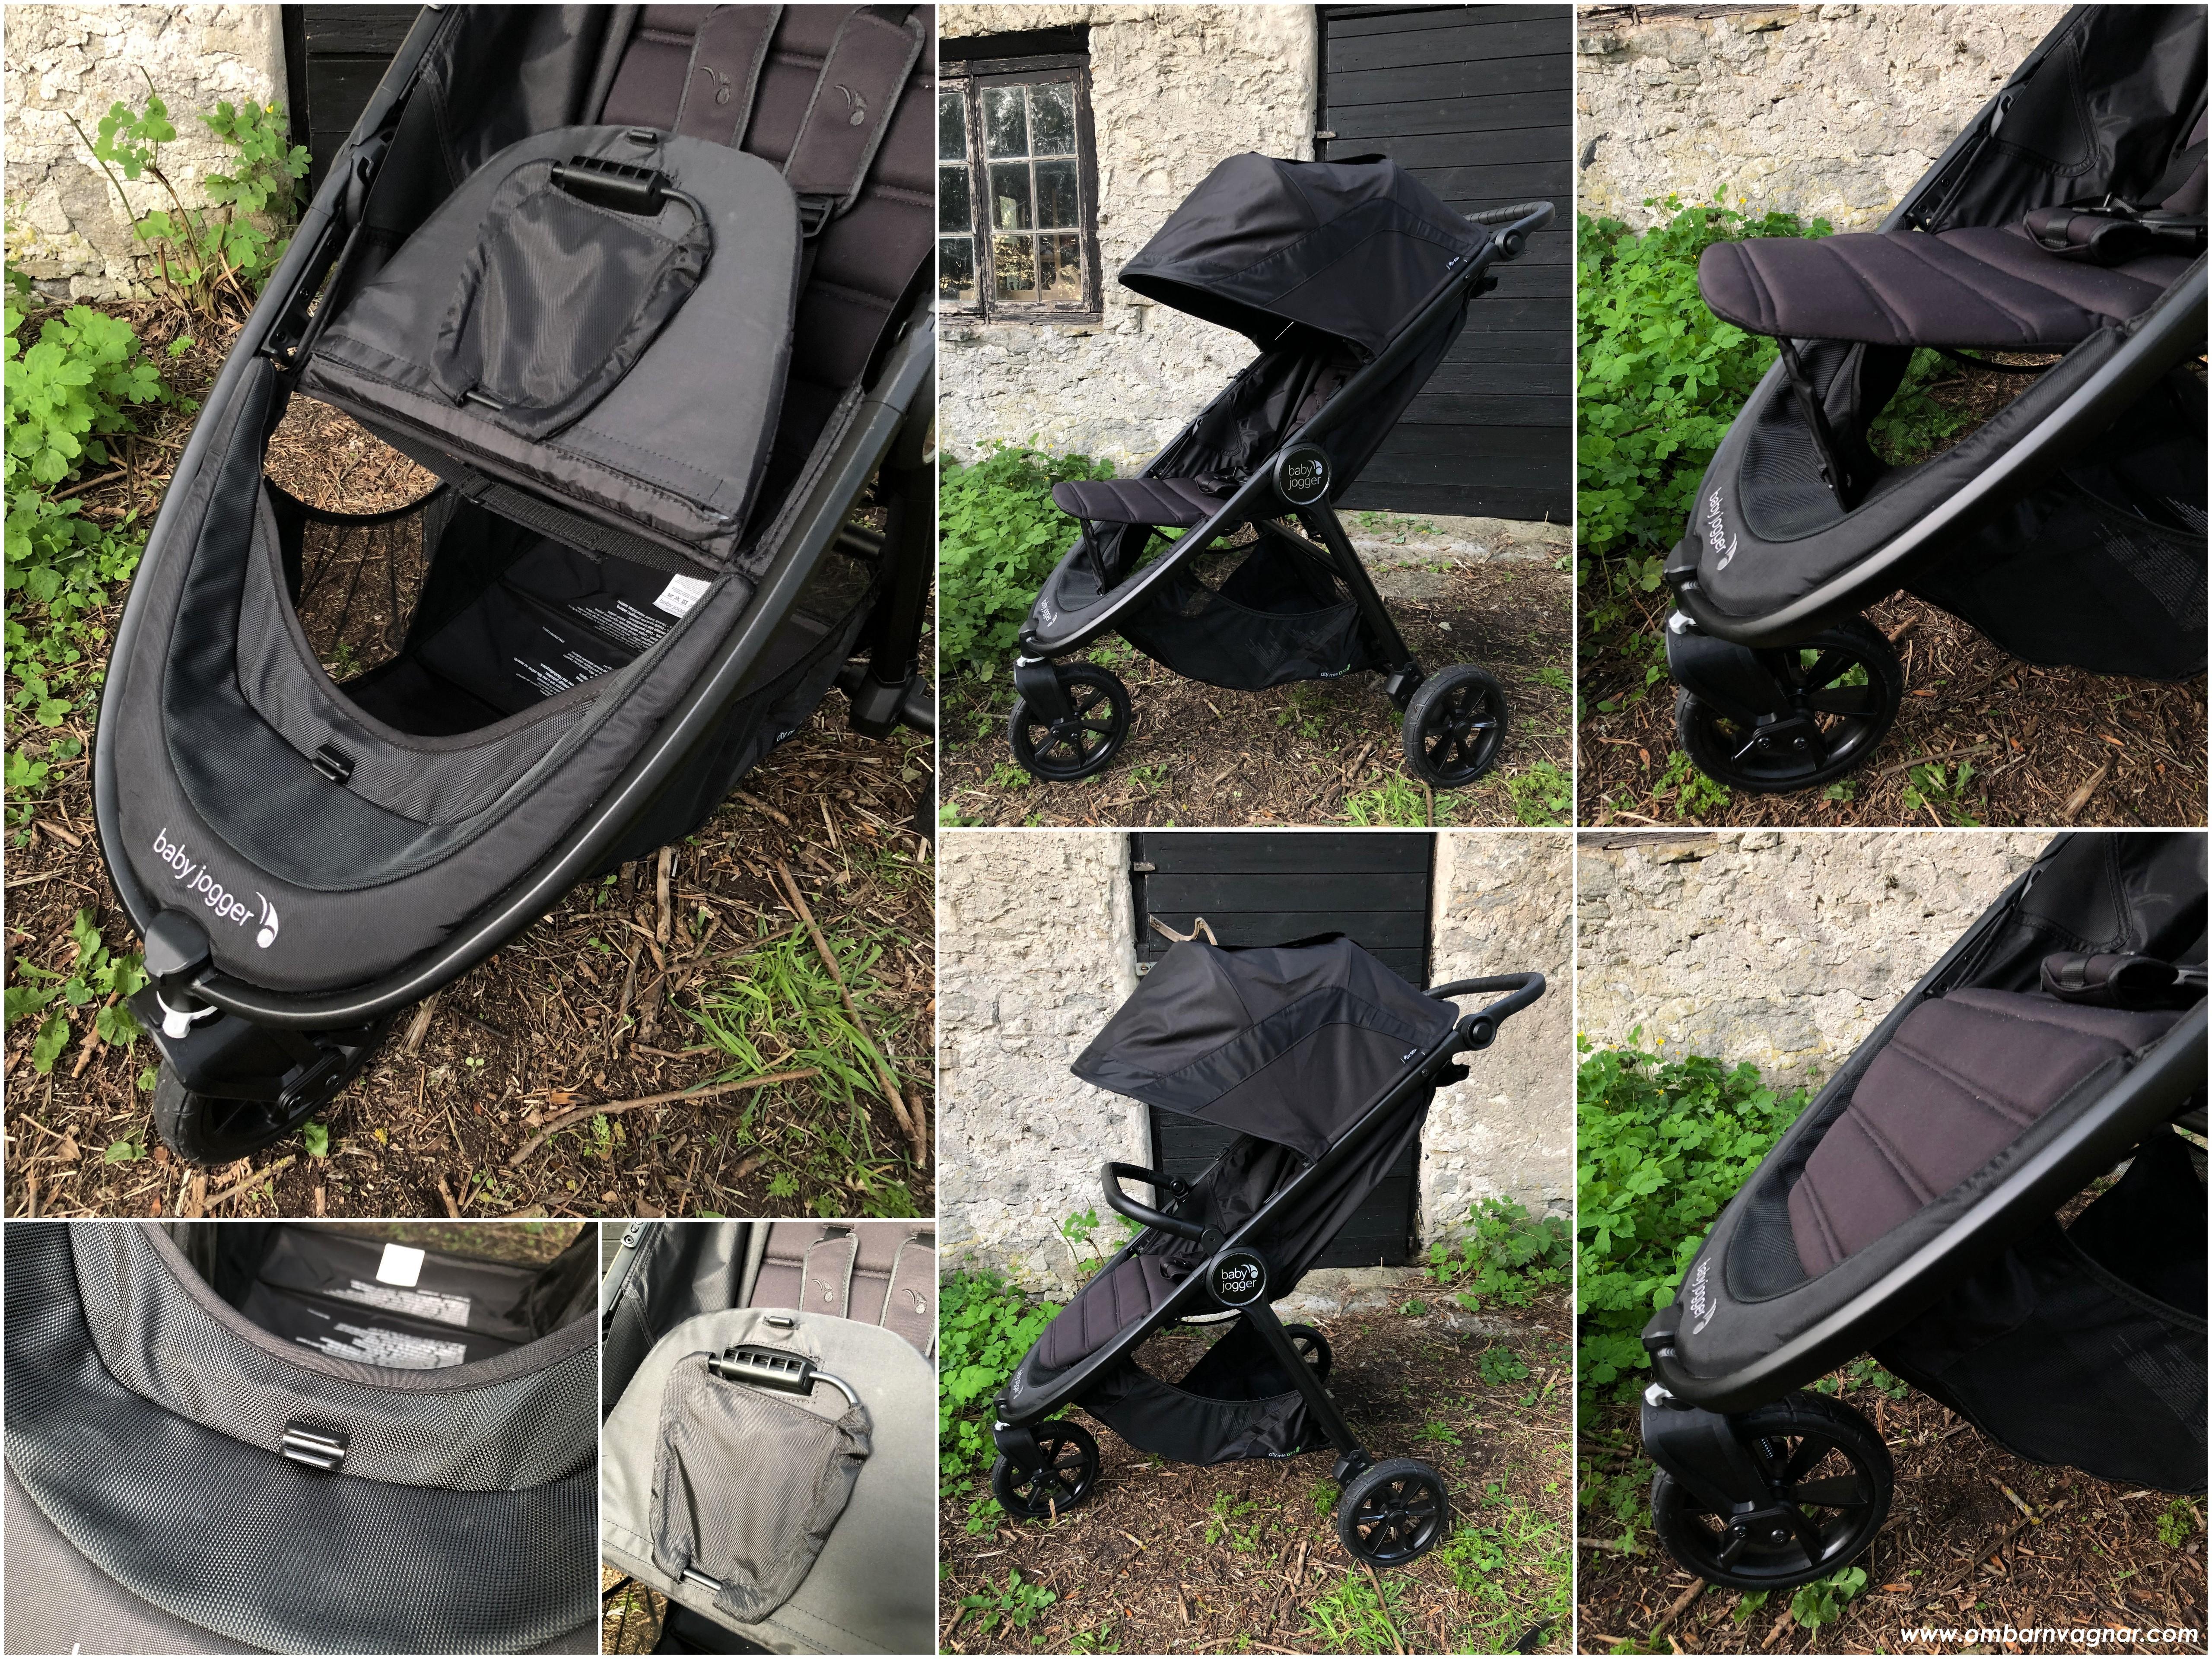 Ställbart fotstöd på Baby Jogger City Mini GT 2